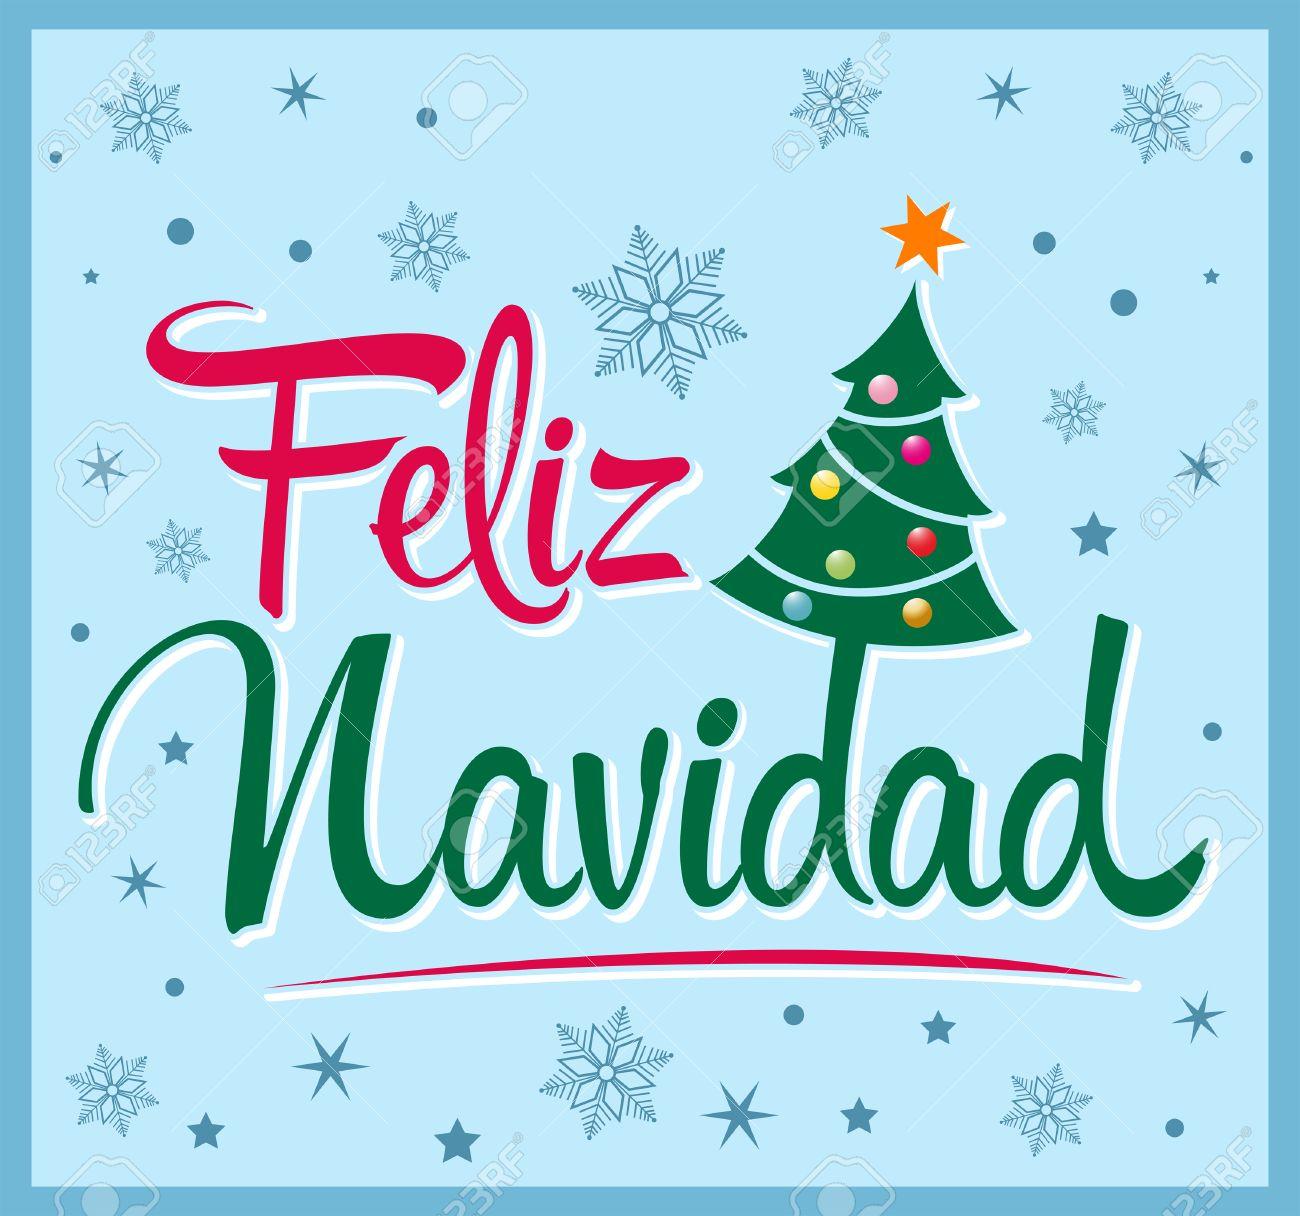 Noel En Espagnol Feliz Navidad   Joyeux Noël Texte Espagnol   Arbre De Noël Vector